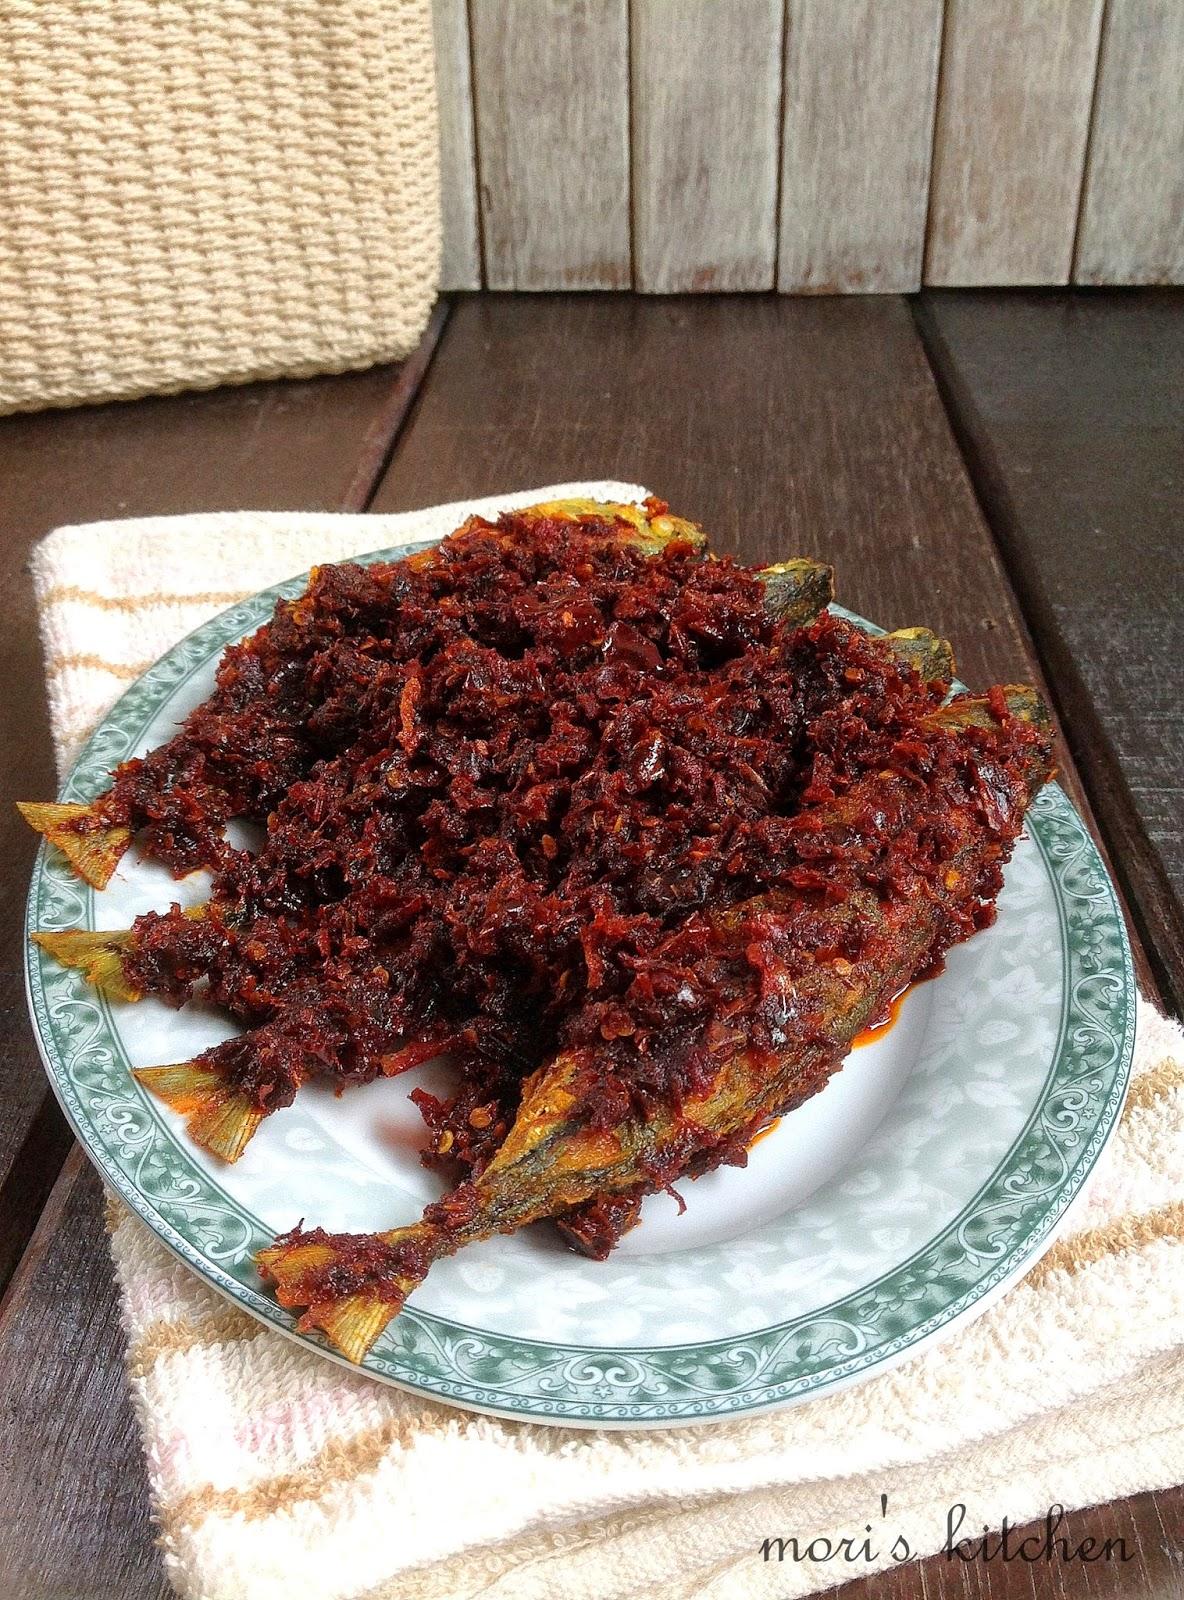 Mori's Kitchen: Ikan Kembung masak Sambal Kering